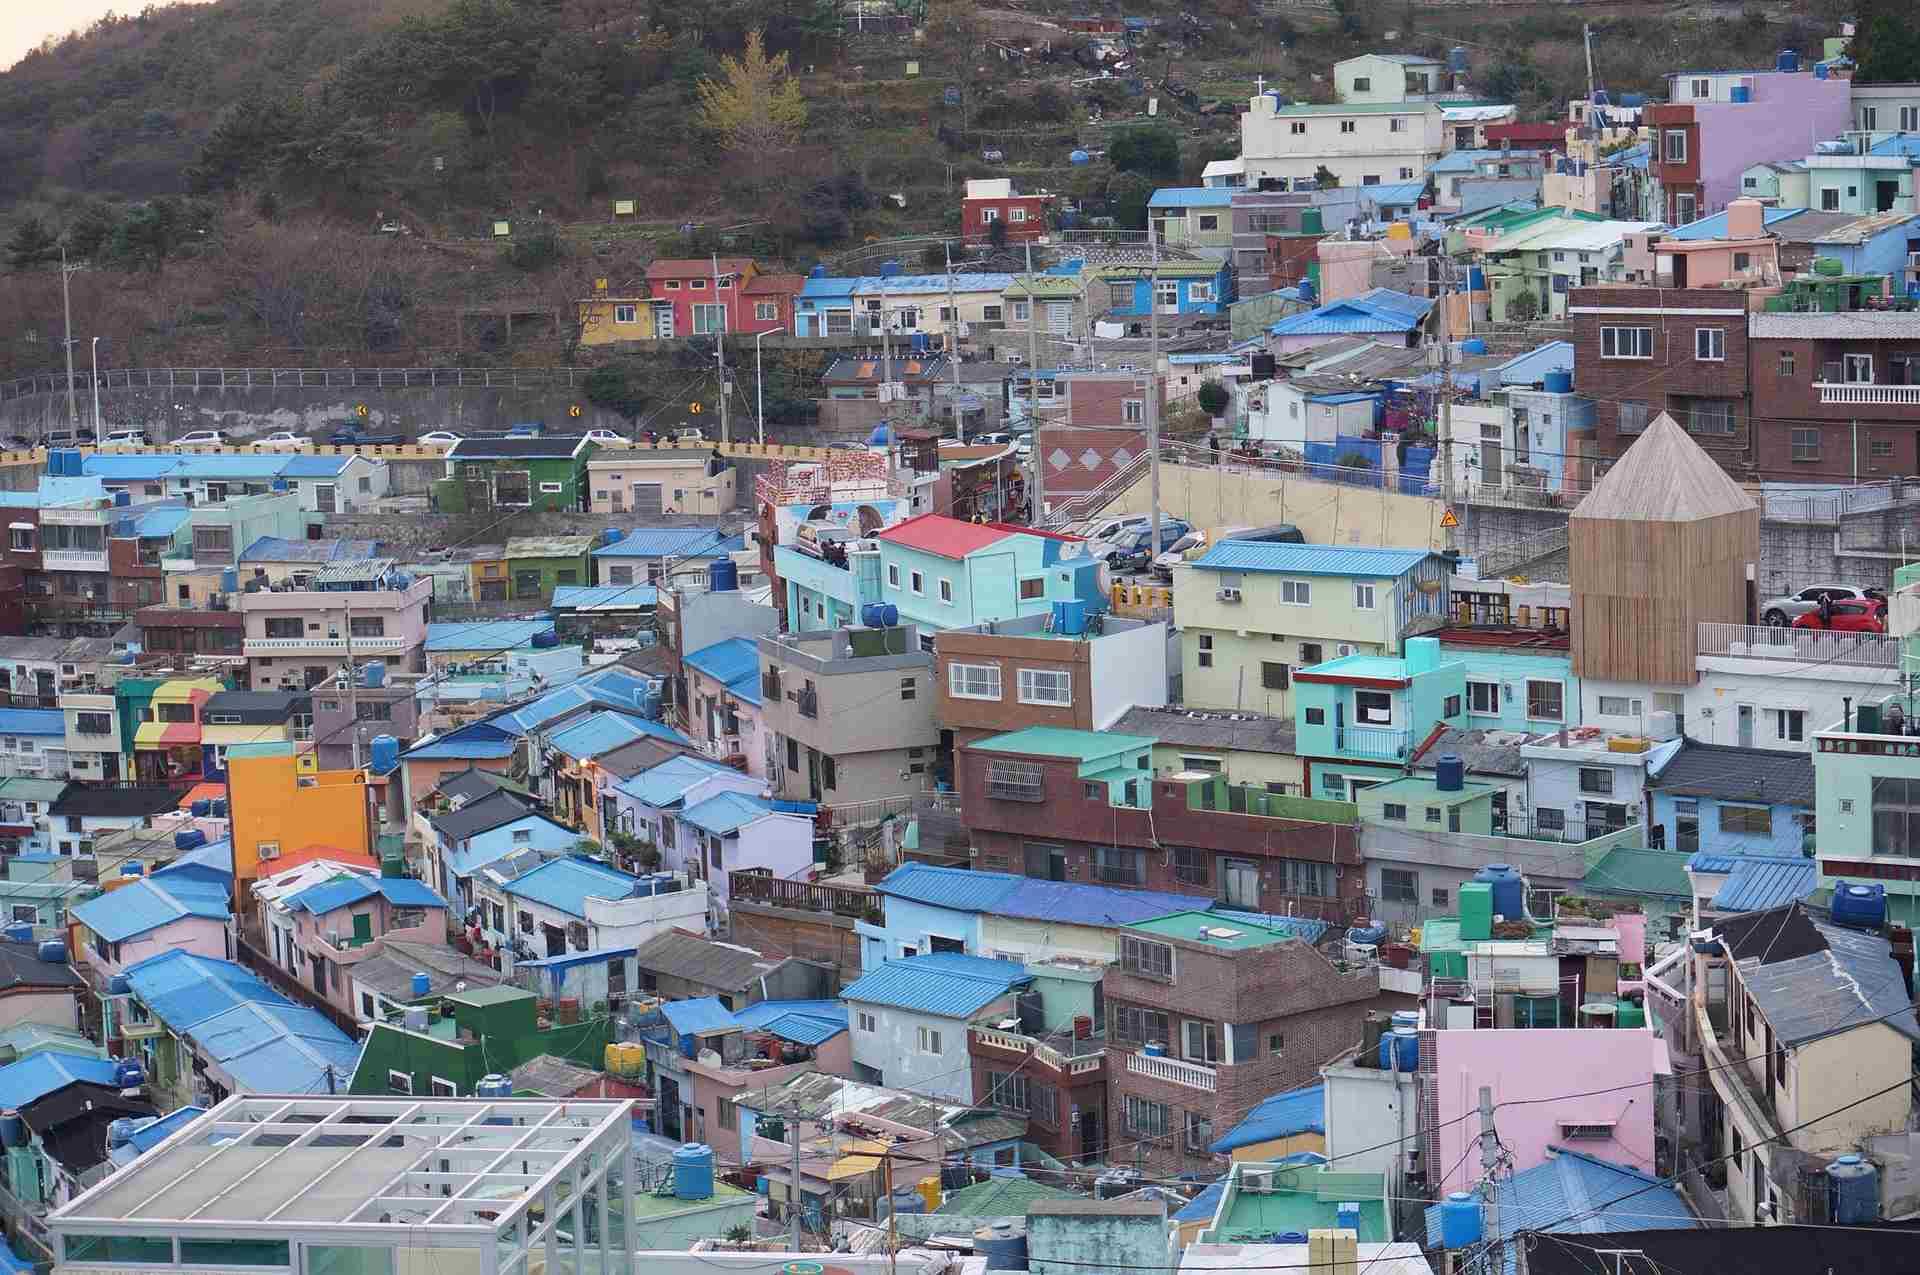 08 甘村文化村  說到貧民窟,大家會有什麼印象呢? 一反大家對貧民窟的印象,在韓文裡,貧民窟有一個很美麗的名字:月之村(달동네),是否光看名字讓人很難跟貧民窟有所聯想呢?被稱為韓國版聖托里尼的甘村文化村,原本是個遭人遺忘的月之村,不過在當地藝術家與居民們的努力下,原本陰暗沈重的街道,在點綴繽紛的顏色之後,搖身一變成釜山新興觀光景點。  交通:地鐵1號線土城站6號出口右轉3分鐘,搭乘2號小巴往甘村